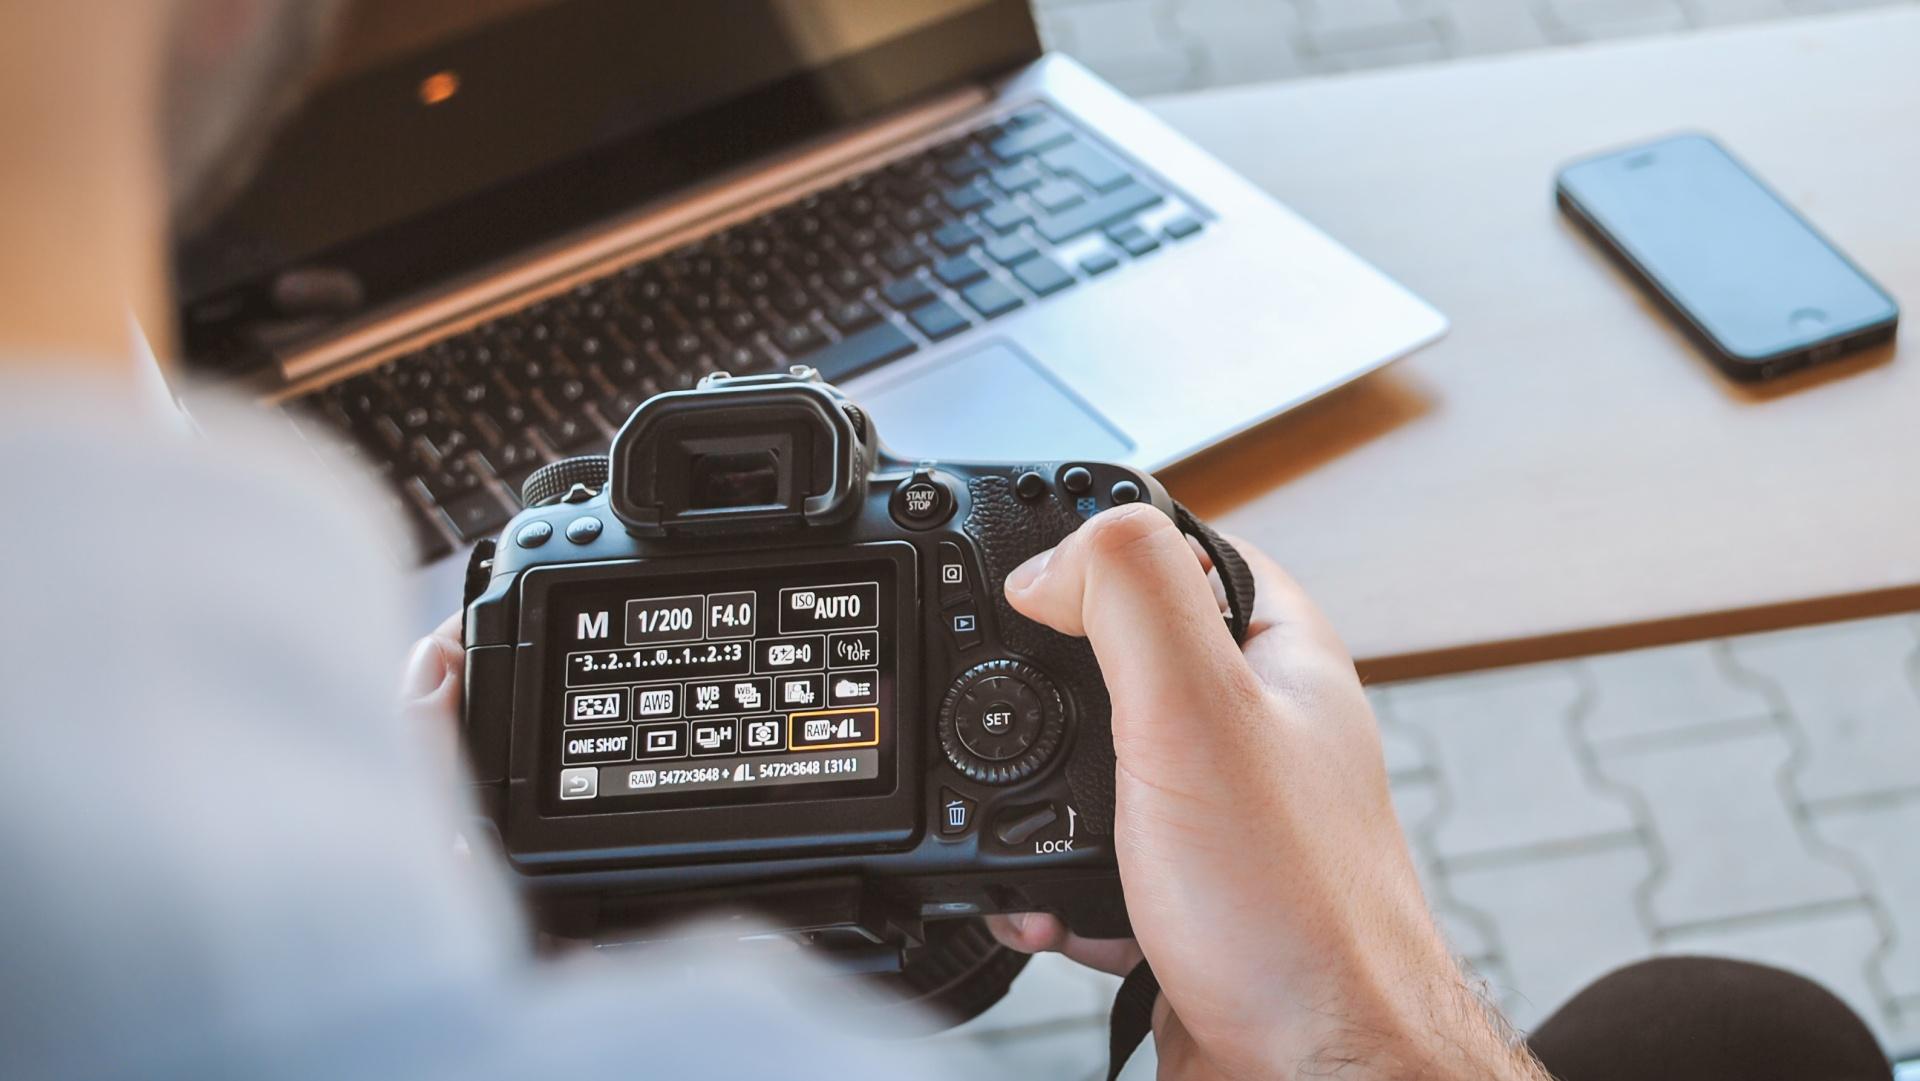 Corso Intermedio di Fotografia, Muovi i primi passi nel mondo del racconto per immagini con il Corso Intermedio di Fotografia di FPschool